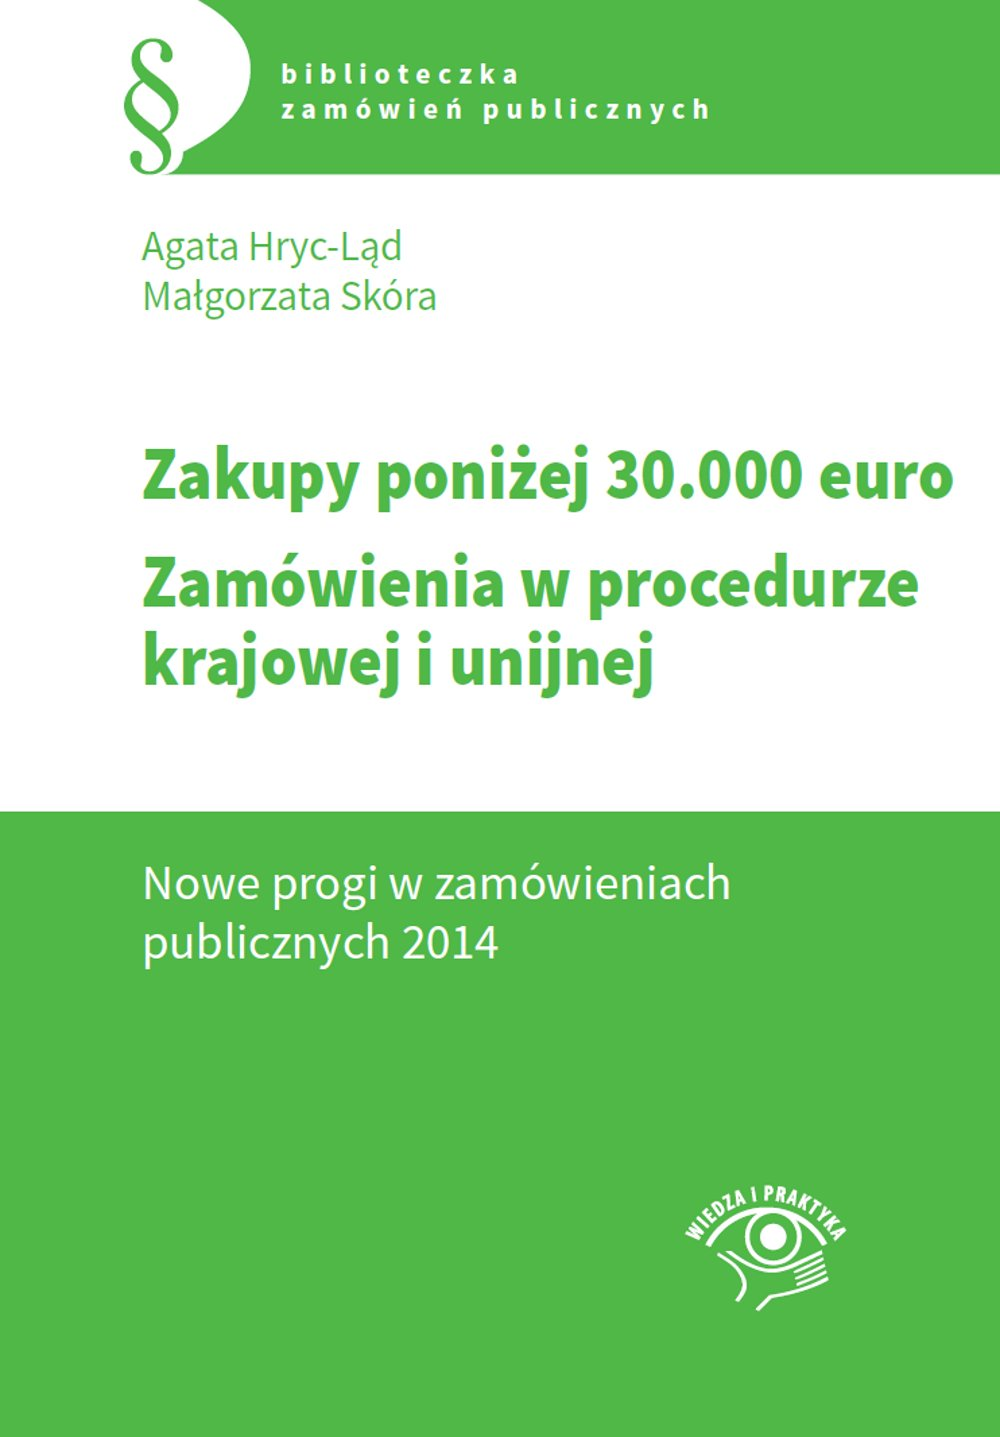 Zakupy do 30 tys. euro. Zamówienia w procedurze krajowej i unijnej. Nowe progi w zamówieniach publicznych 2014 - Ebook (Książka na Kindle) do pobrania w formacie MOBI